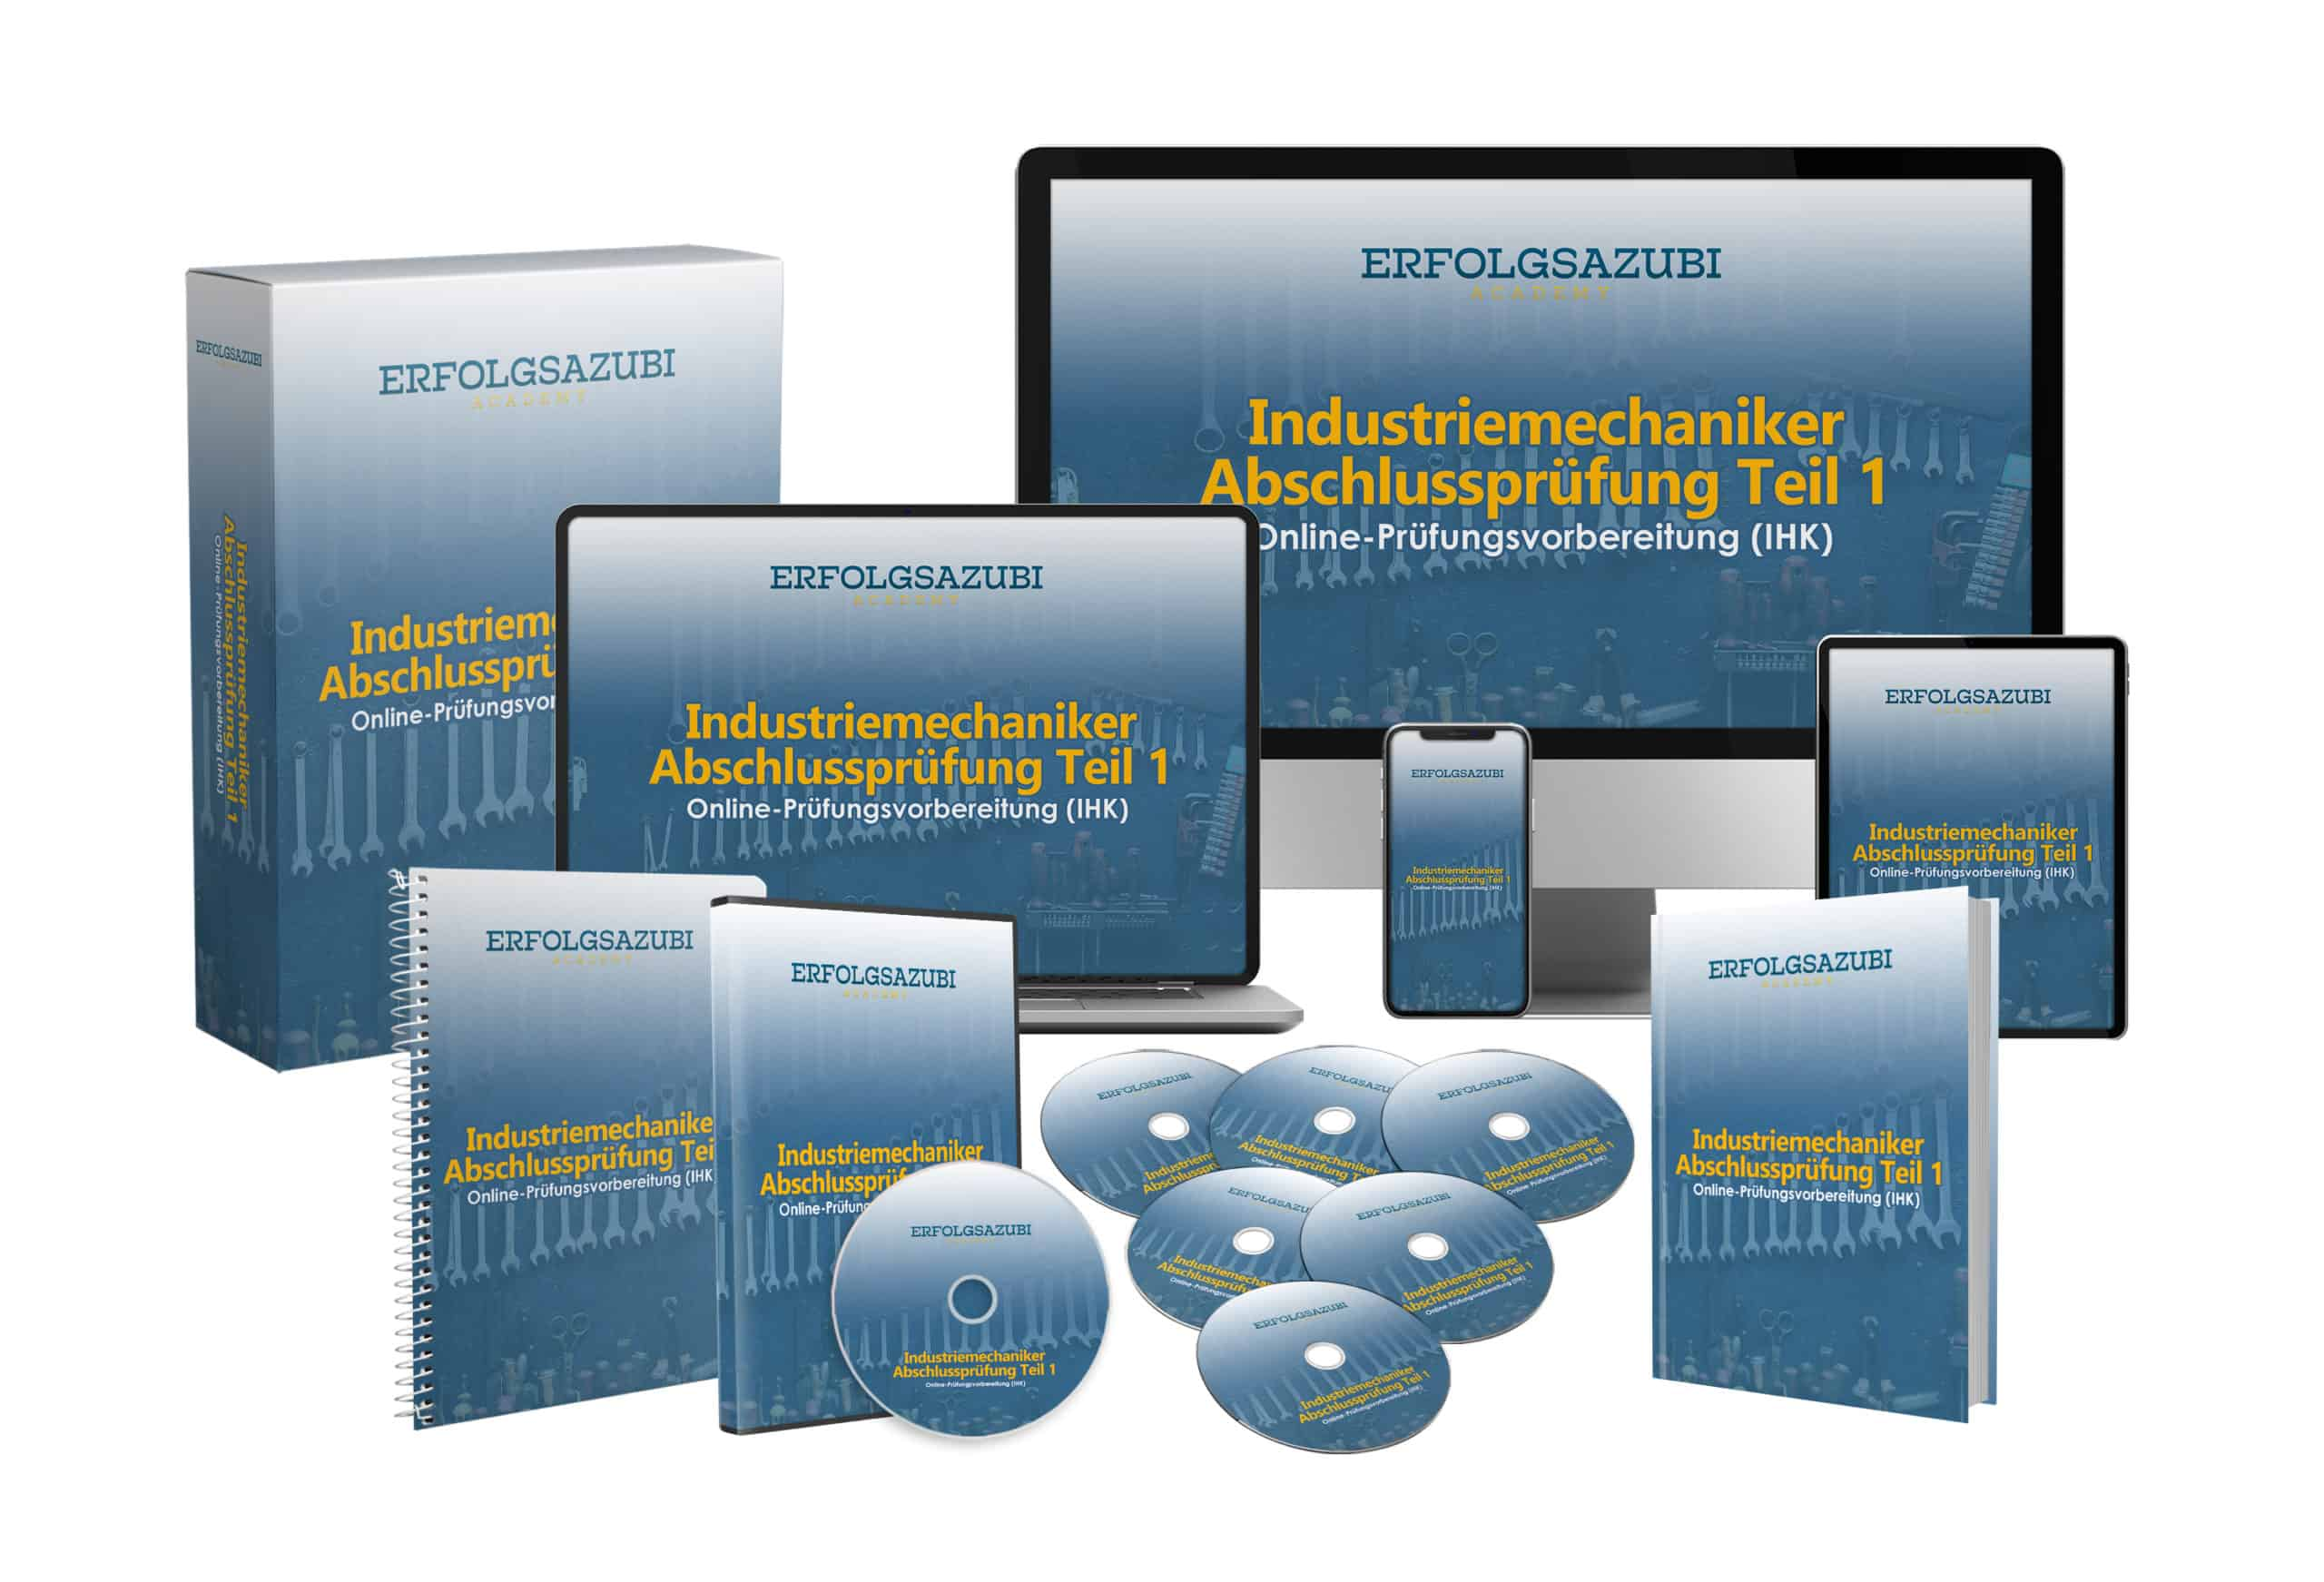 Industriemechaniker Abschlussprüfung Teil Online-Prüfungsvorbereitung